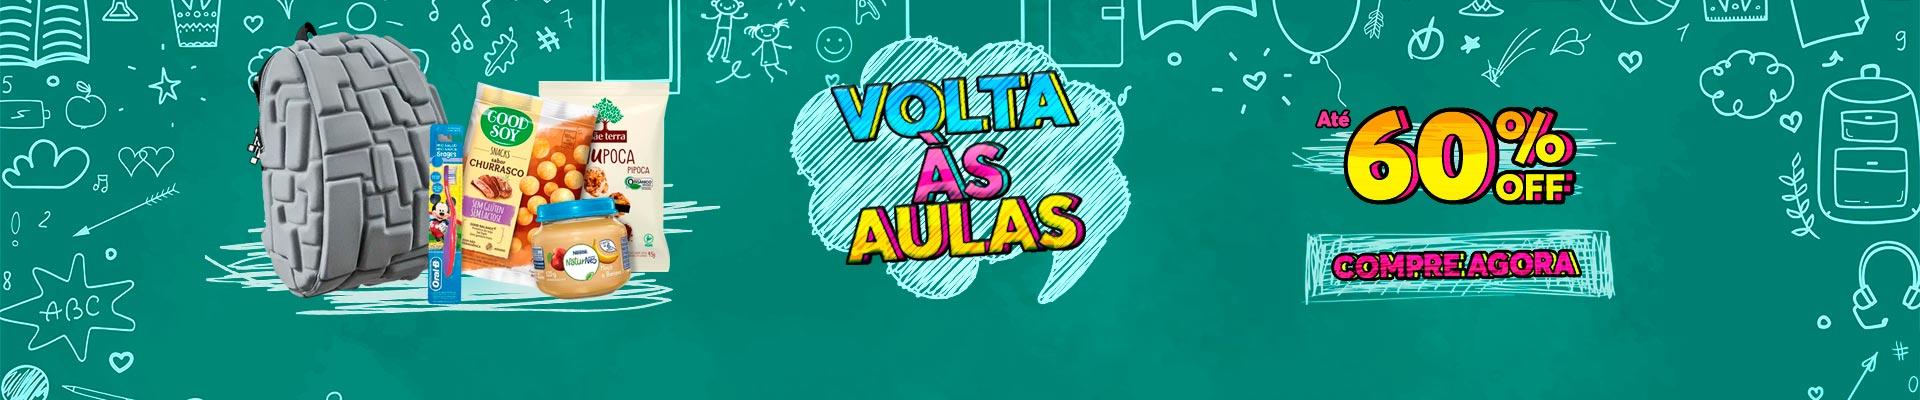 VOLTA AS AULAS